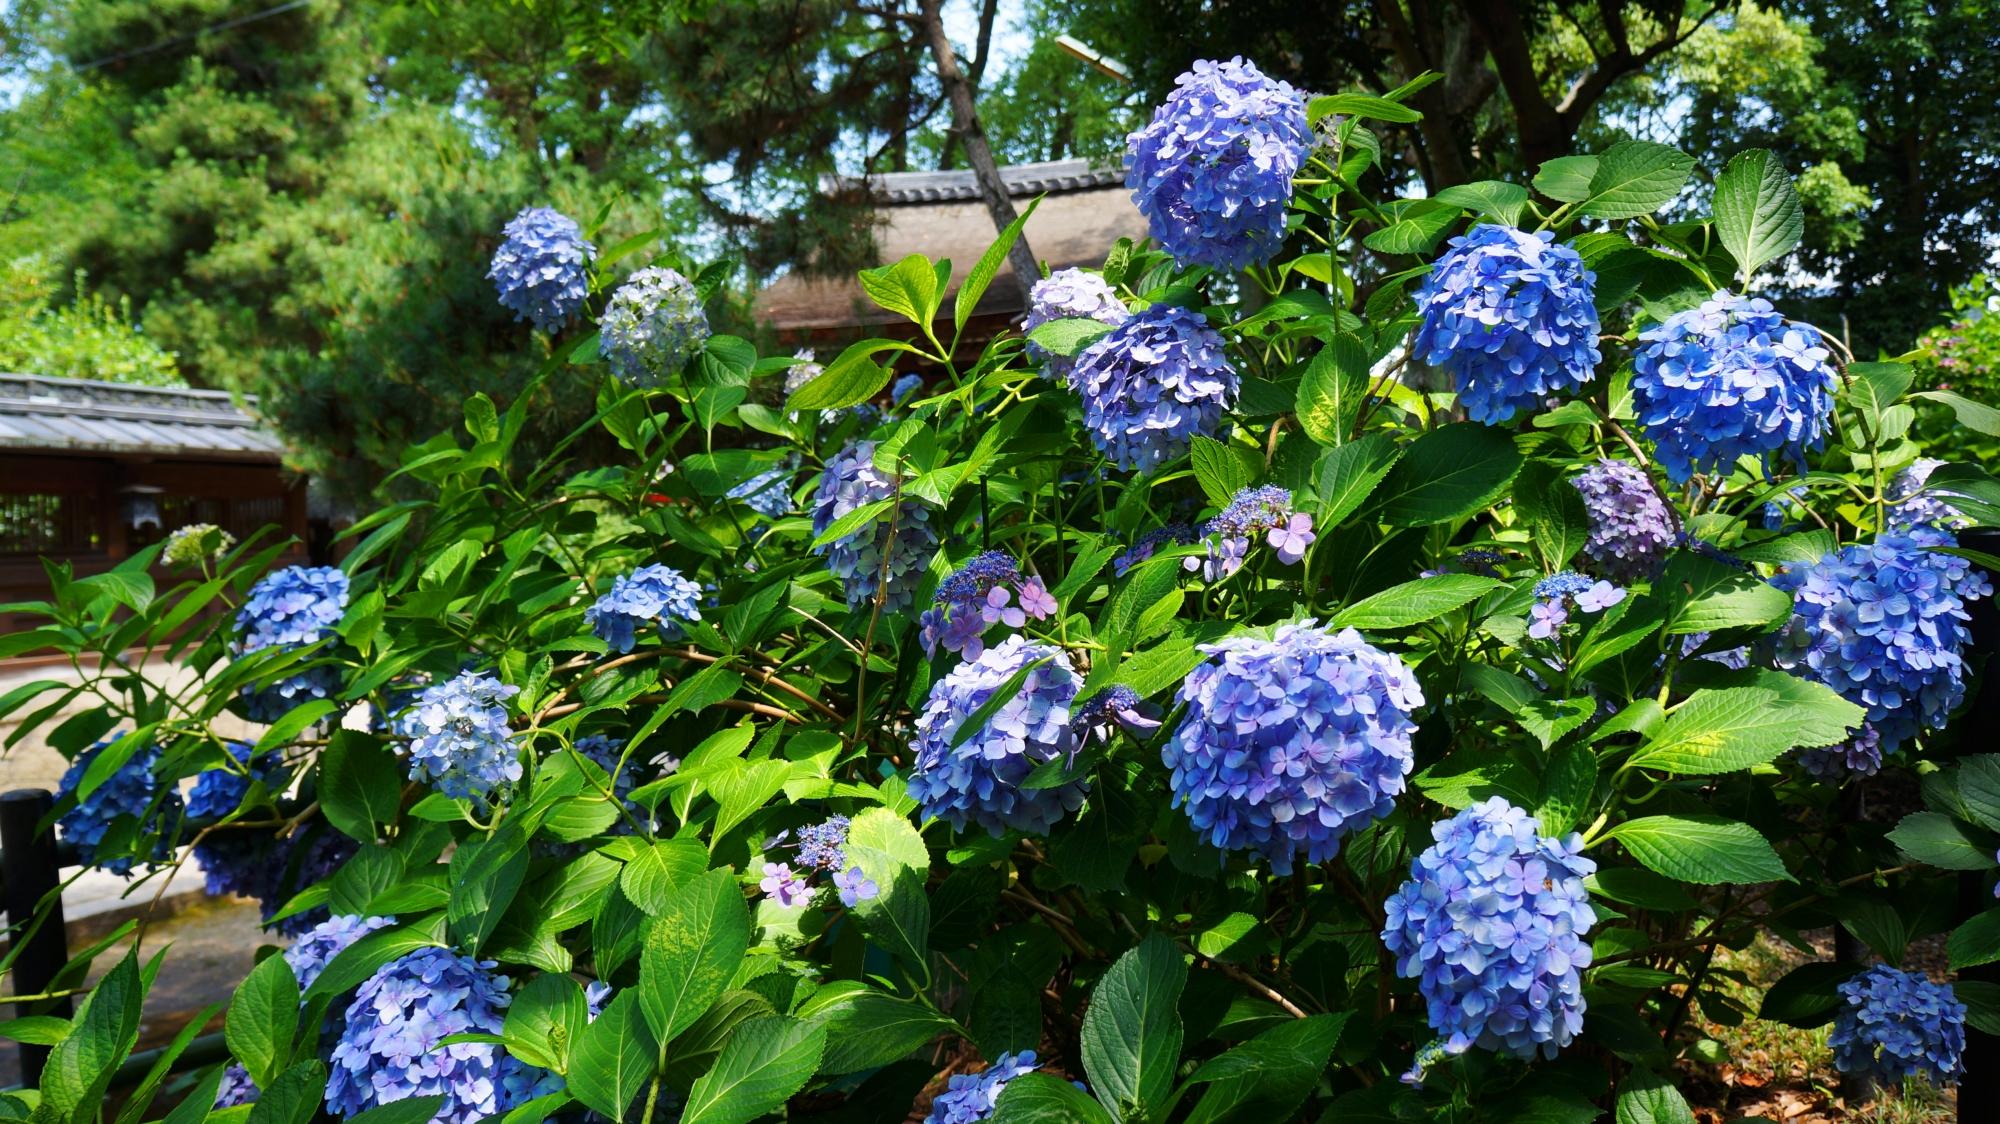 藤森神社のあじさい苑の紫陽花